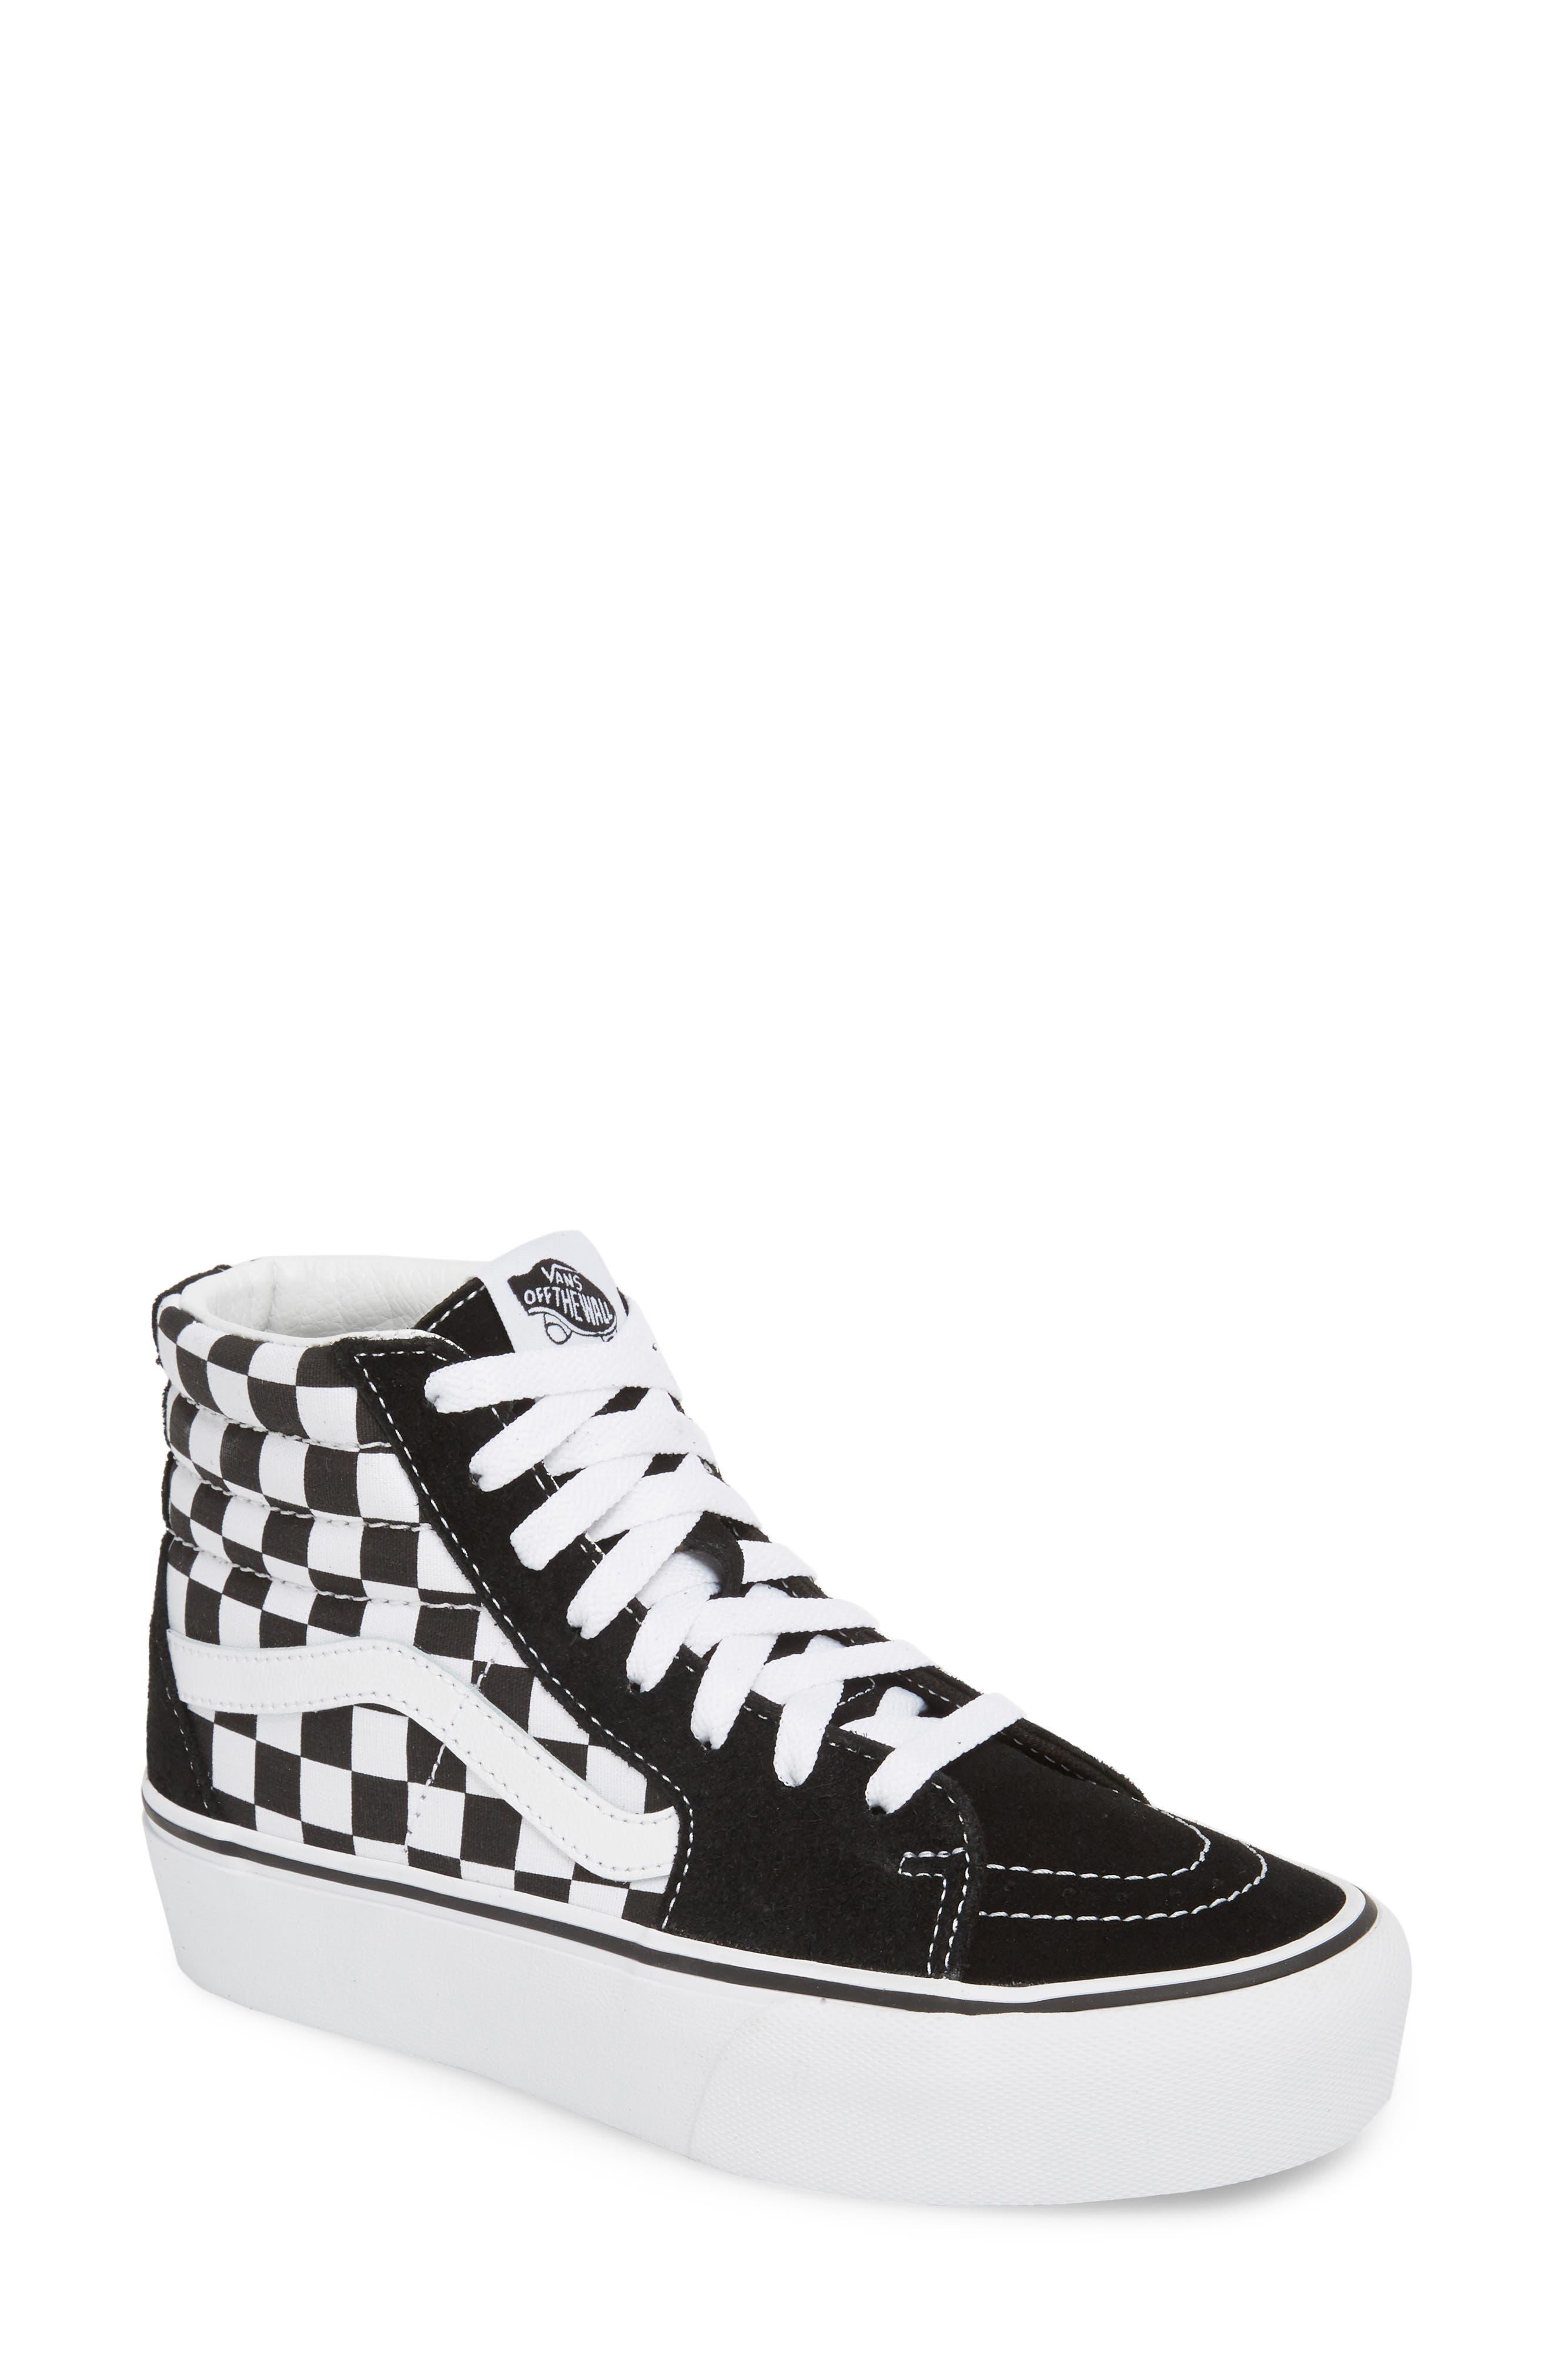 UA Sk8-Hi Platform Checkerboard Sneaker,                         Main,                         color, CHECKER BOARD/ TRUE WHITE